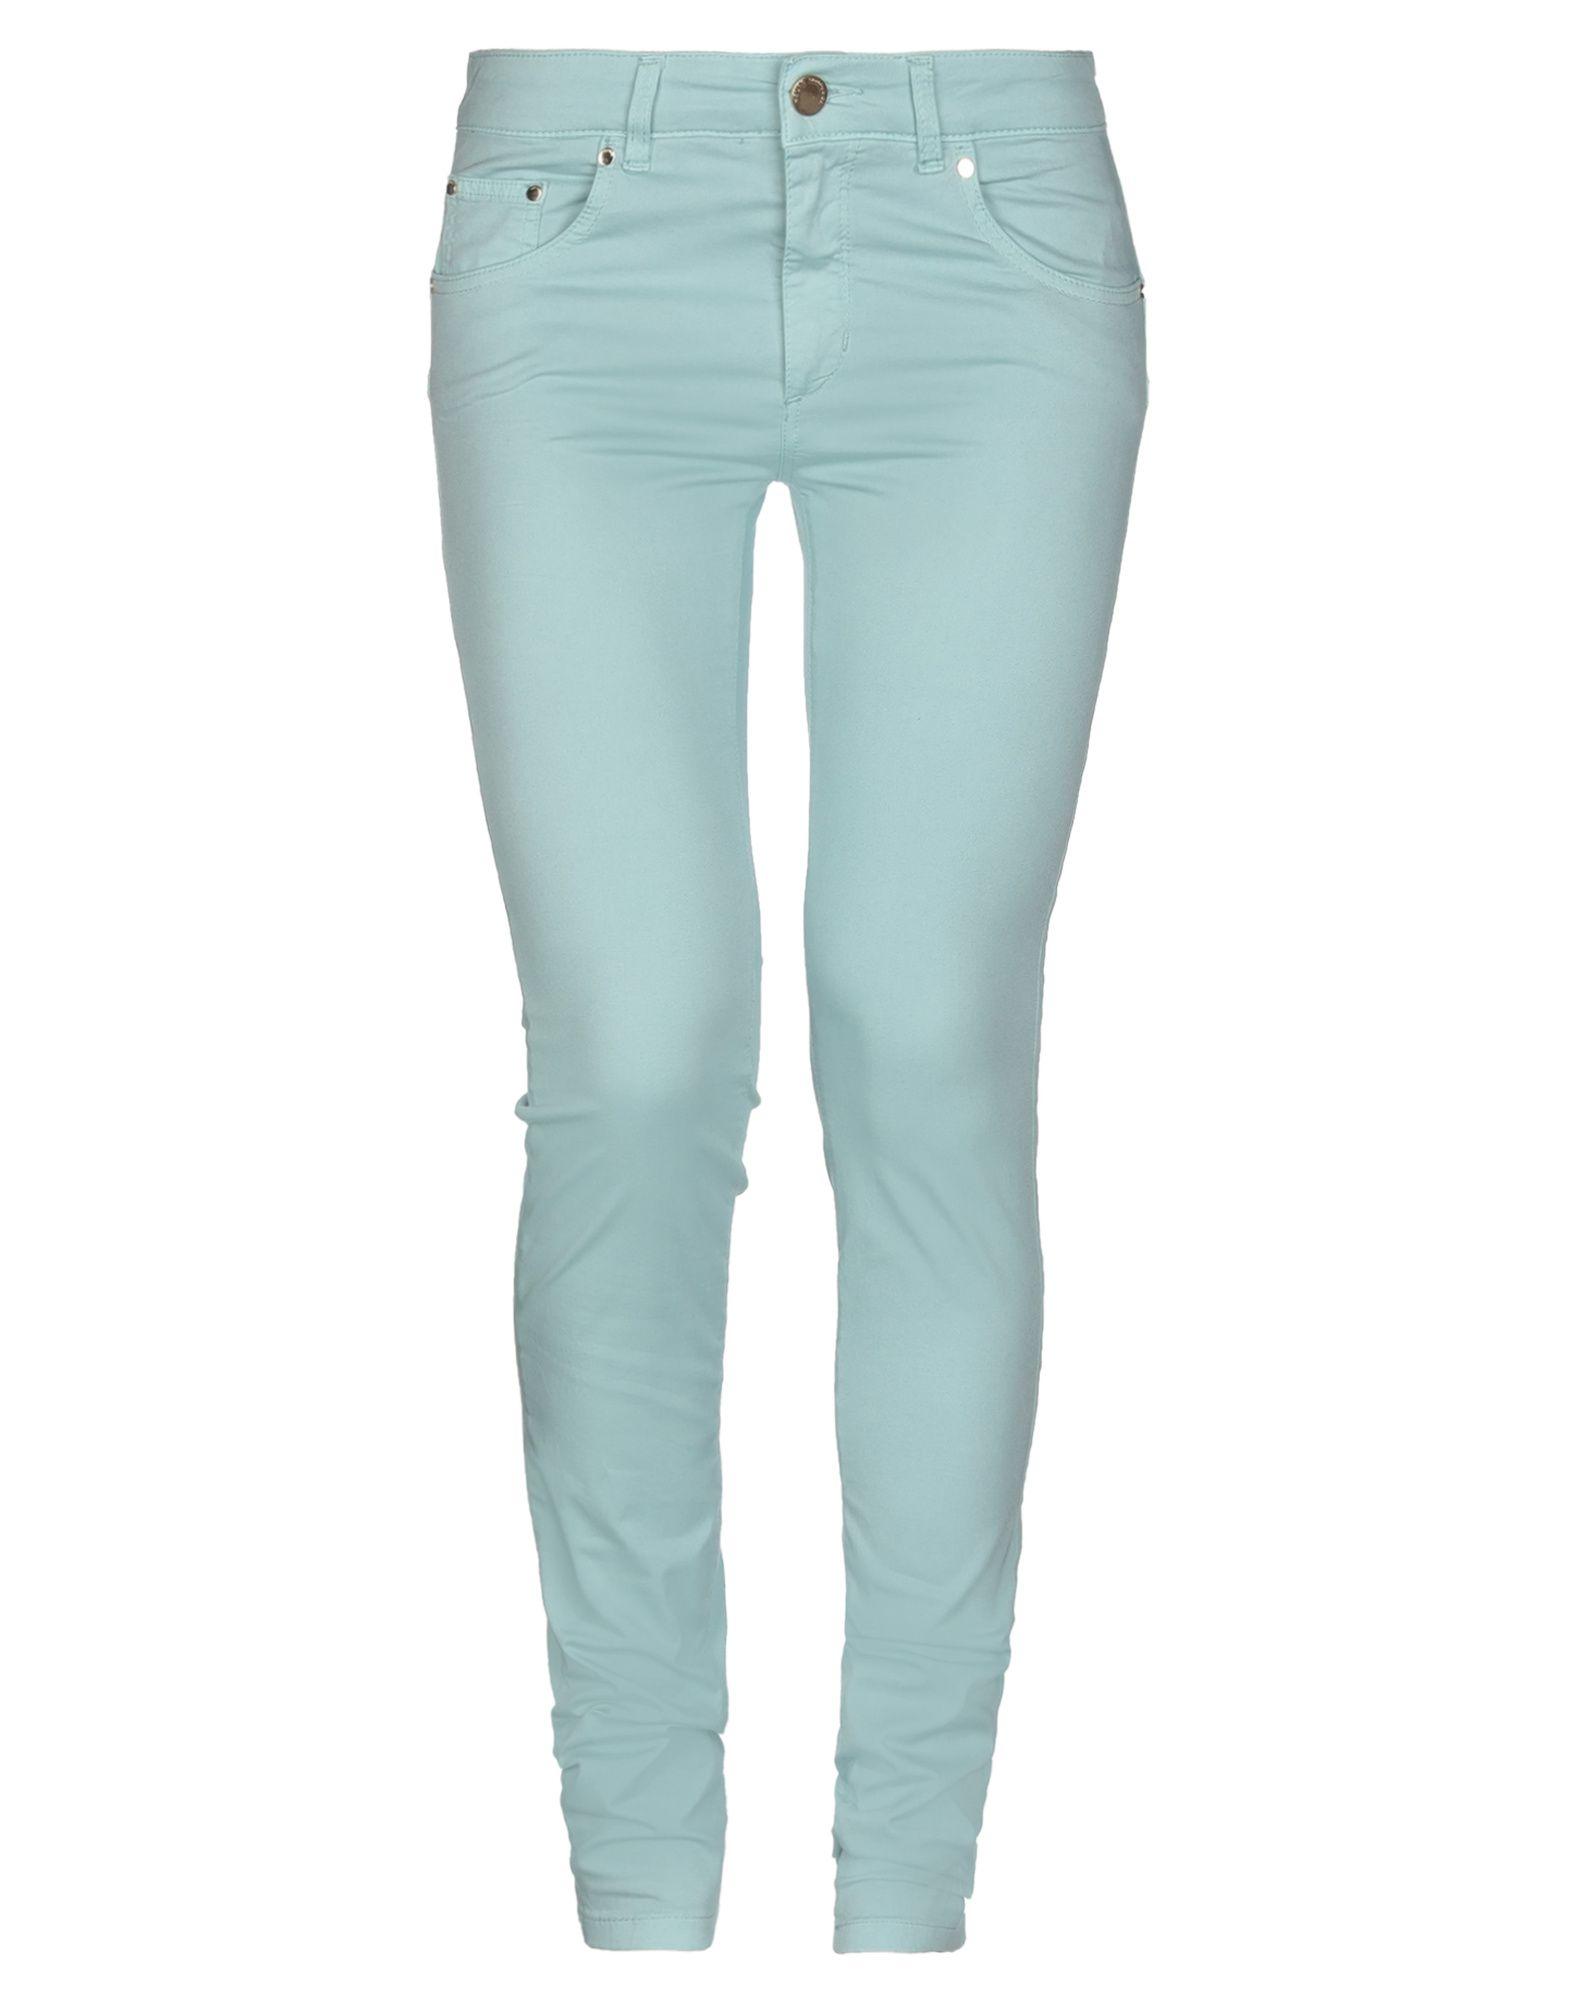 NO LAB Повседневные брюки no 21 голубые брюки из хлопка